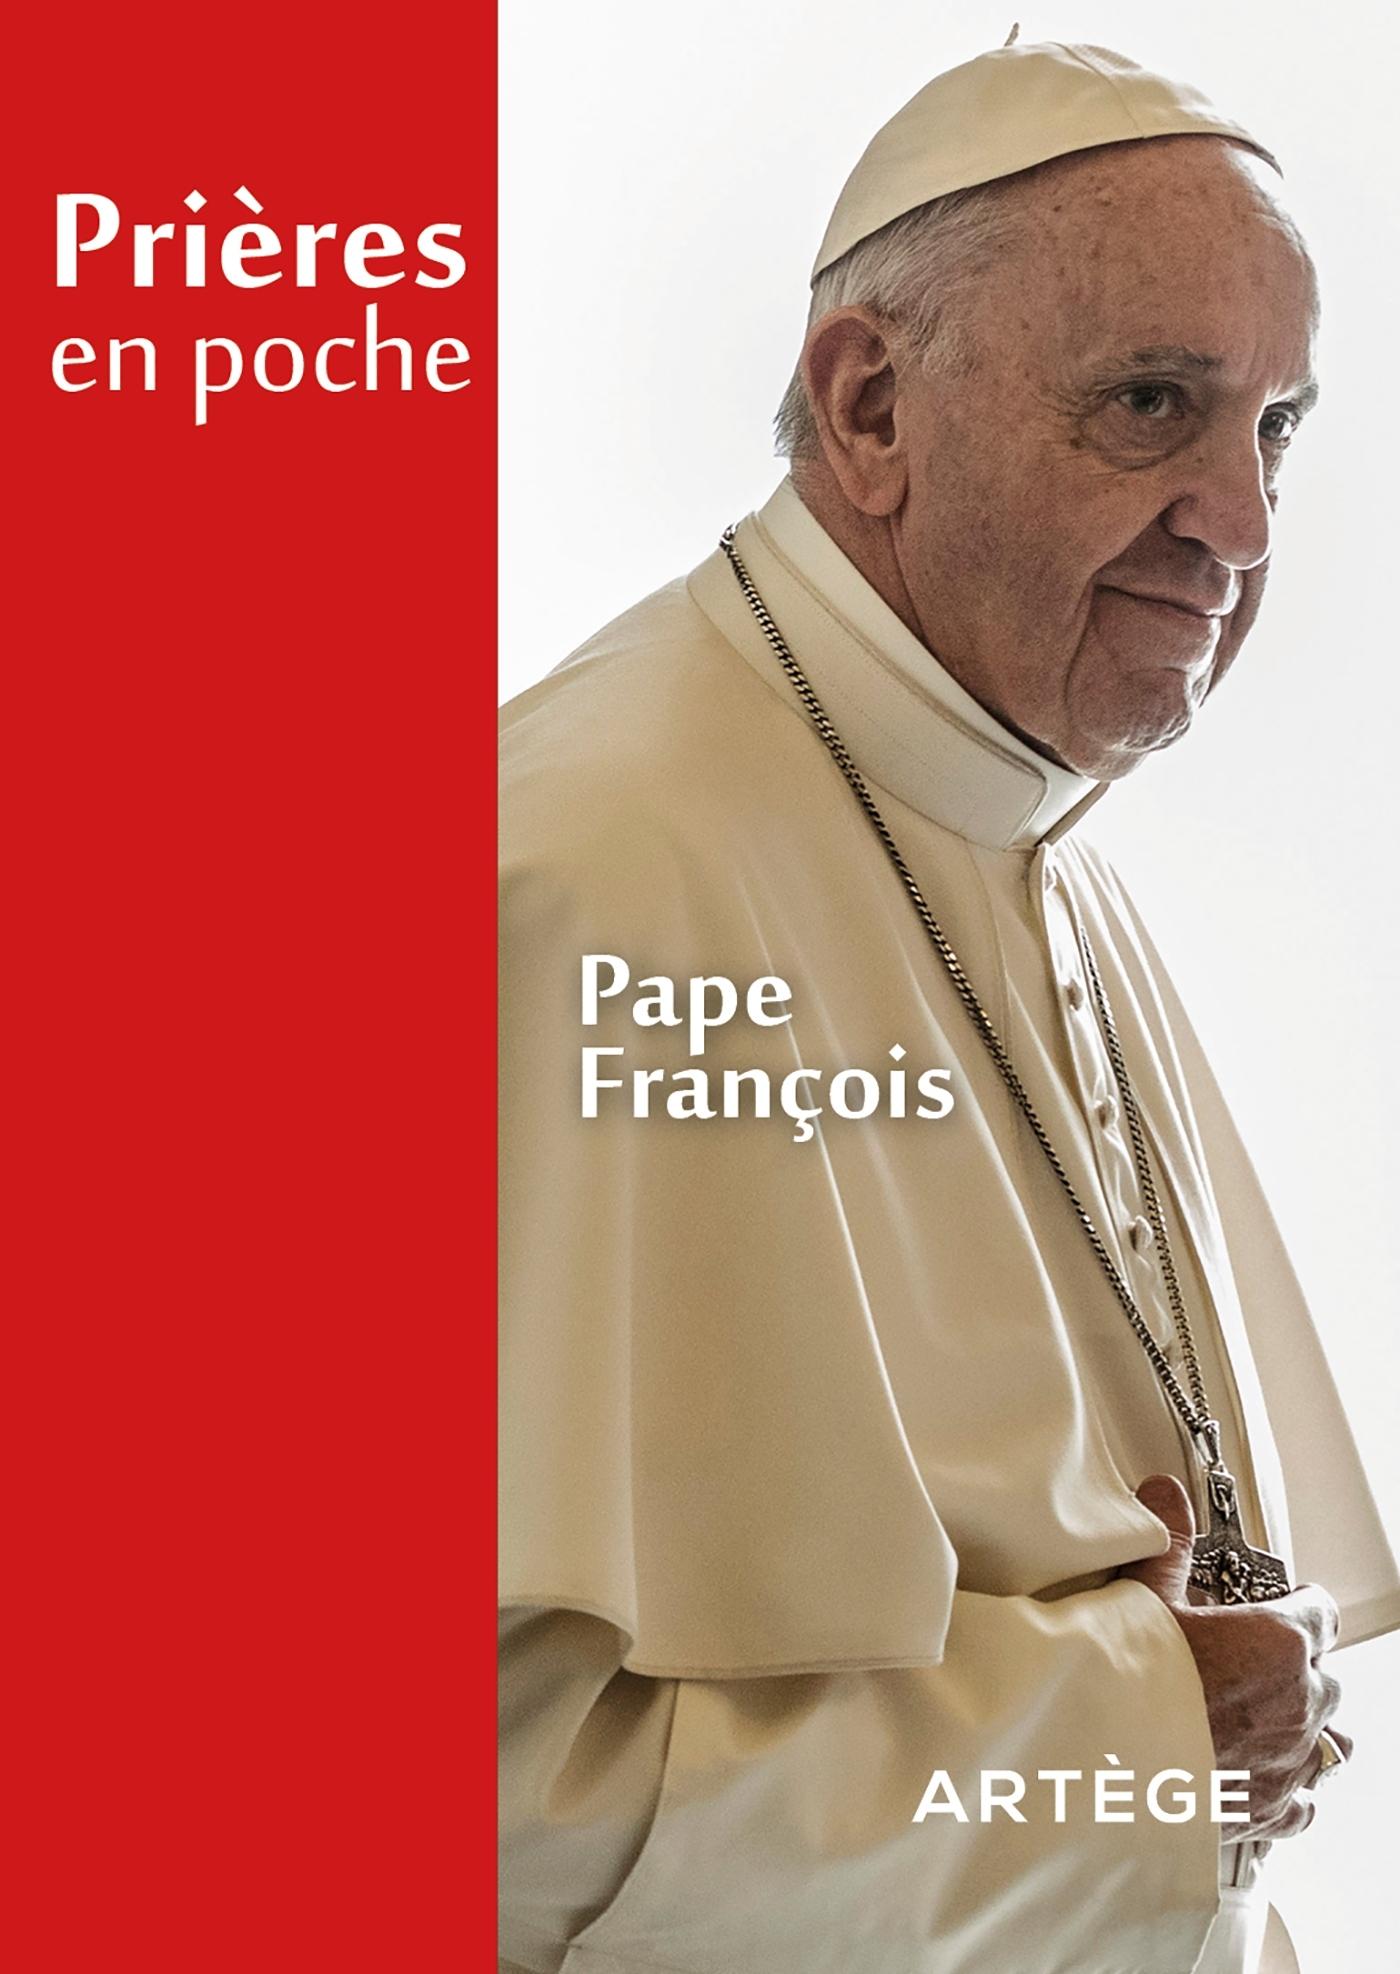 PRIERES EN POCHE - PAPE FRANCOIS